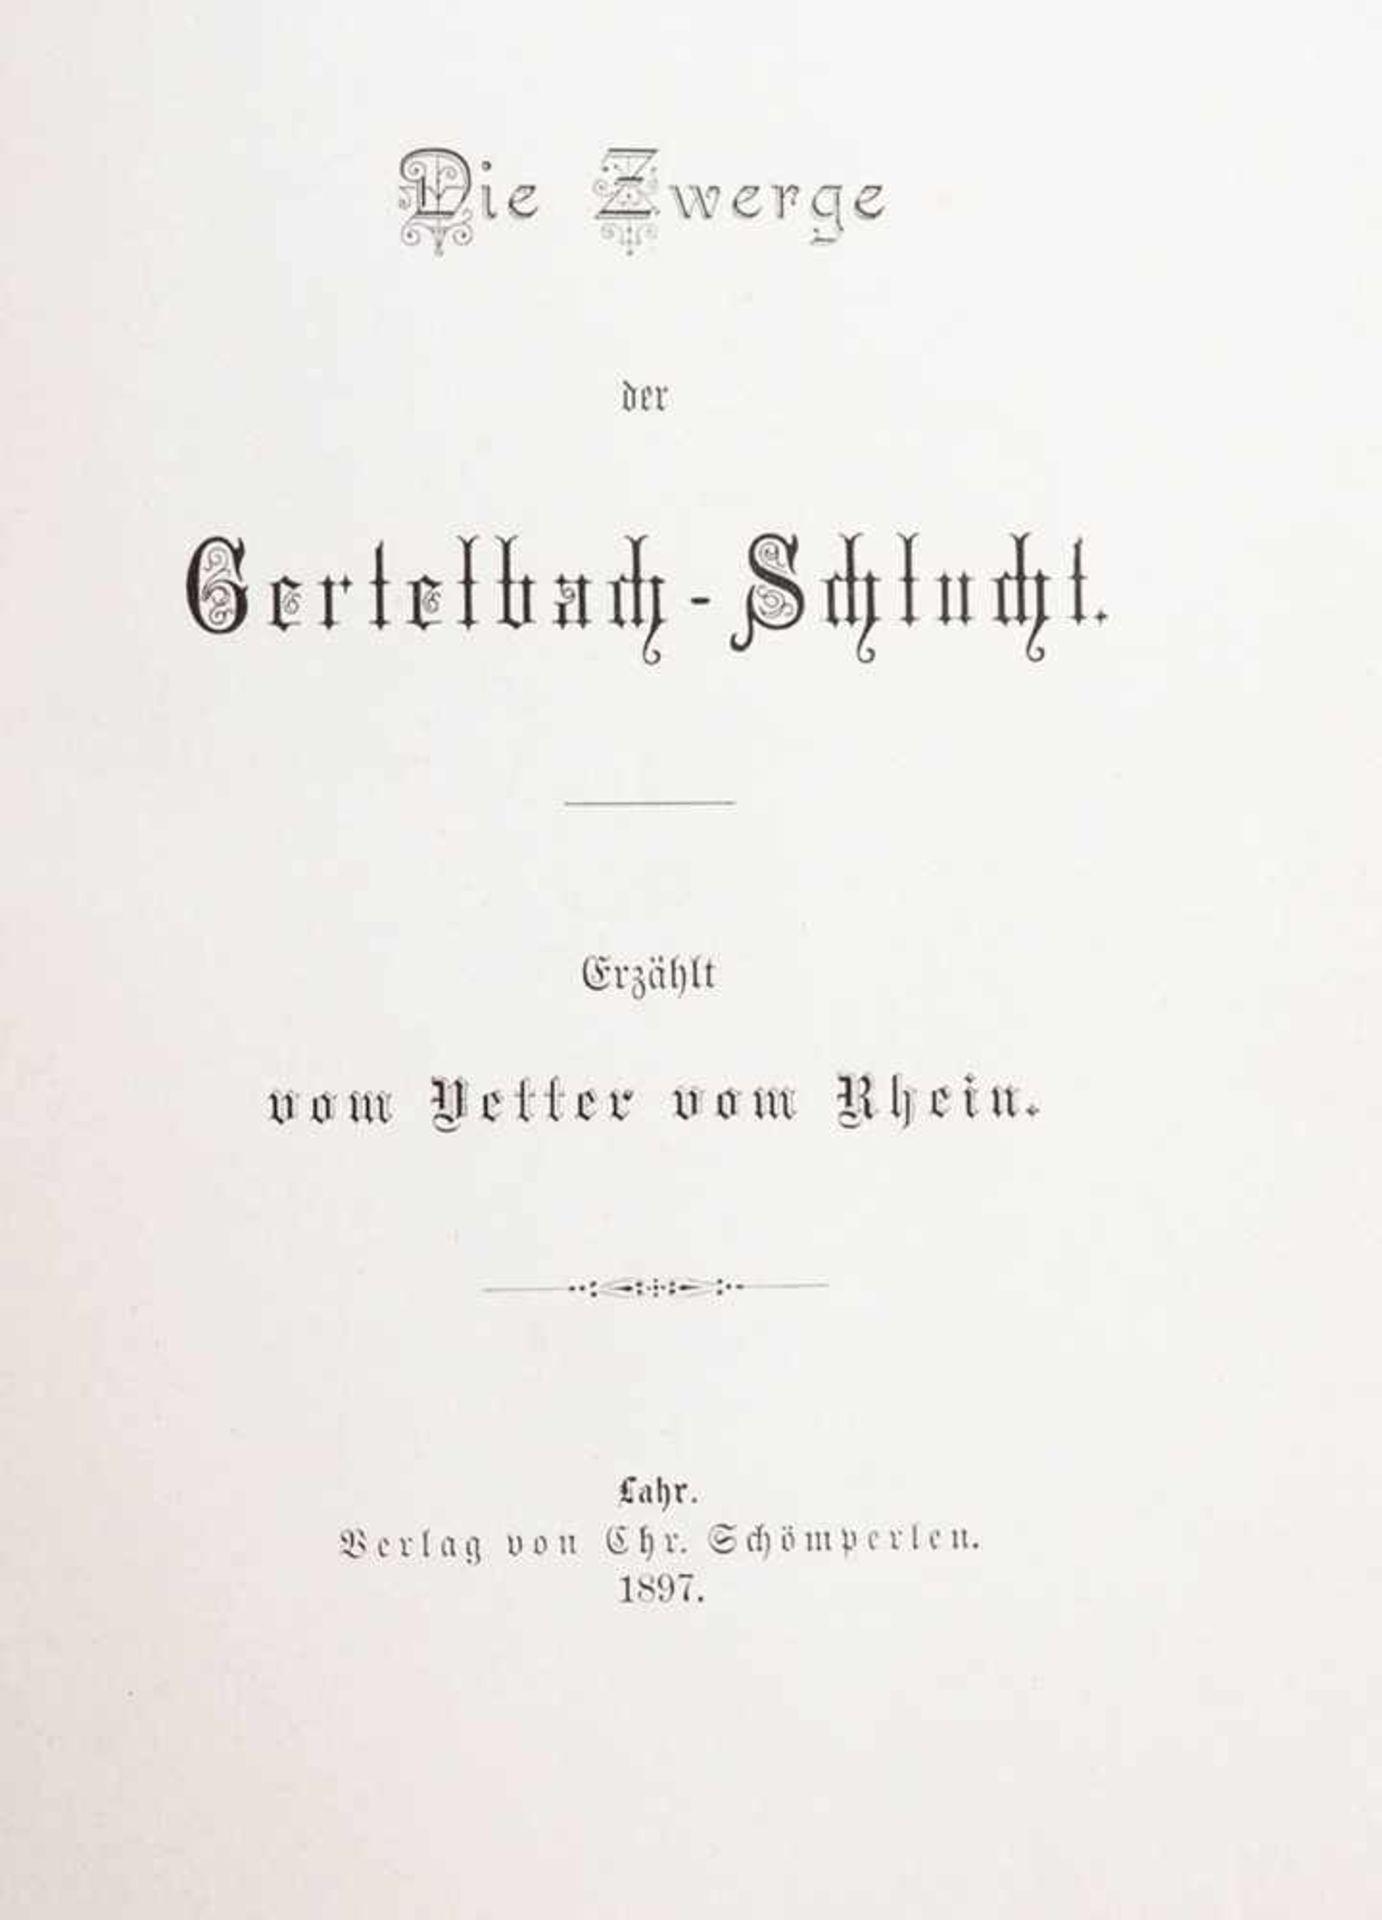 Schmidlin, Adolf1868 Lahr - 1954 Freiburg. Die Zwerge der Gertelbachschlucht, Lahr 1897 mit - Bild 4 aus 5